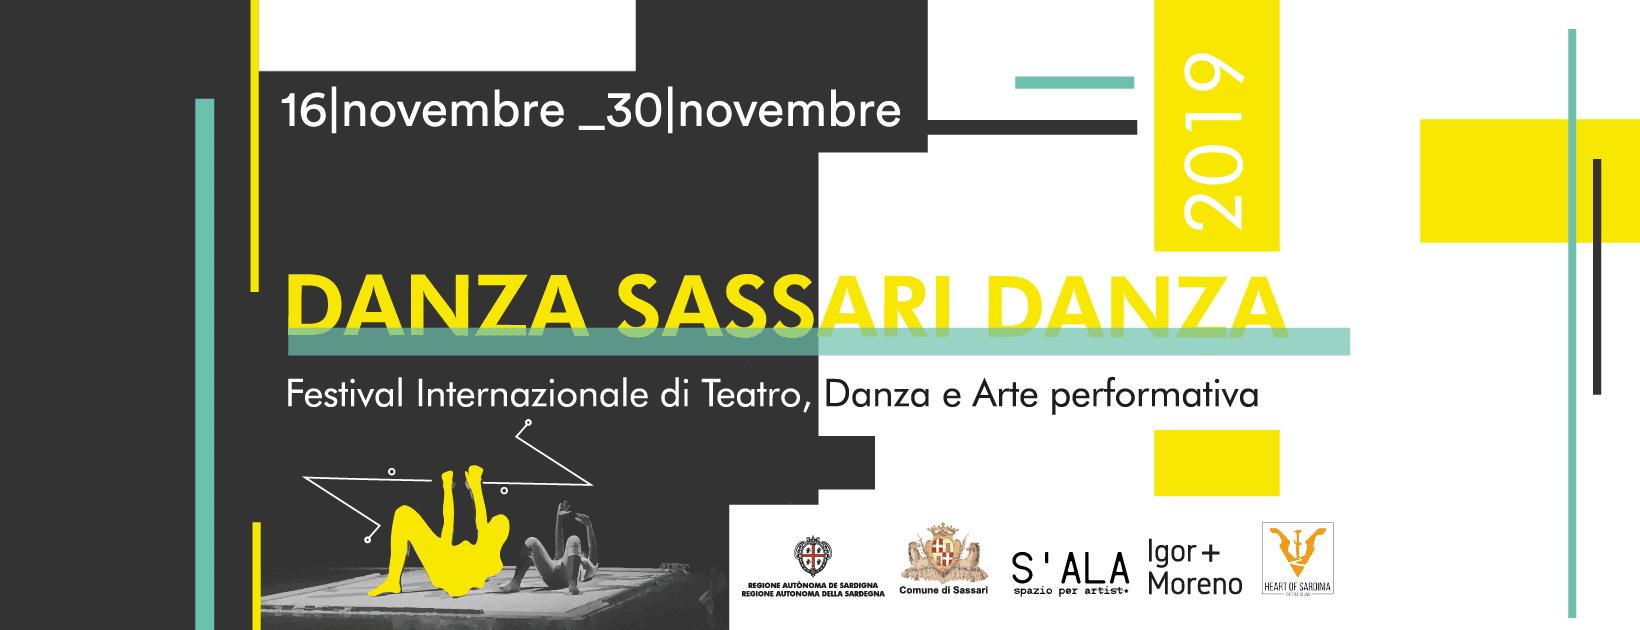 Danza Sassari Danza: ritorna il Festival Internazionale di Teatro, Danza e Arti Performative